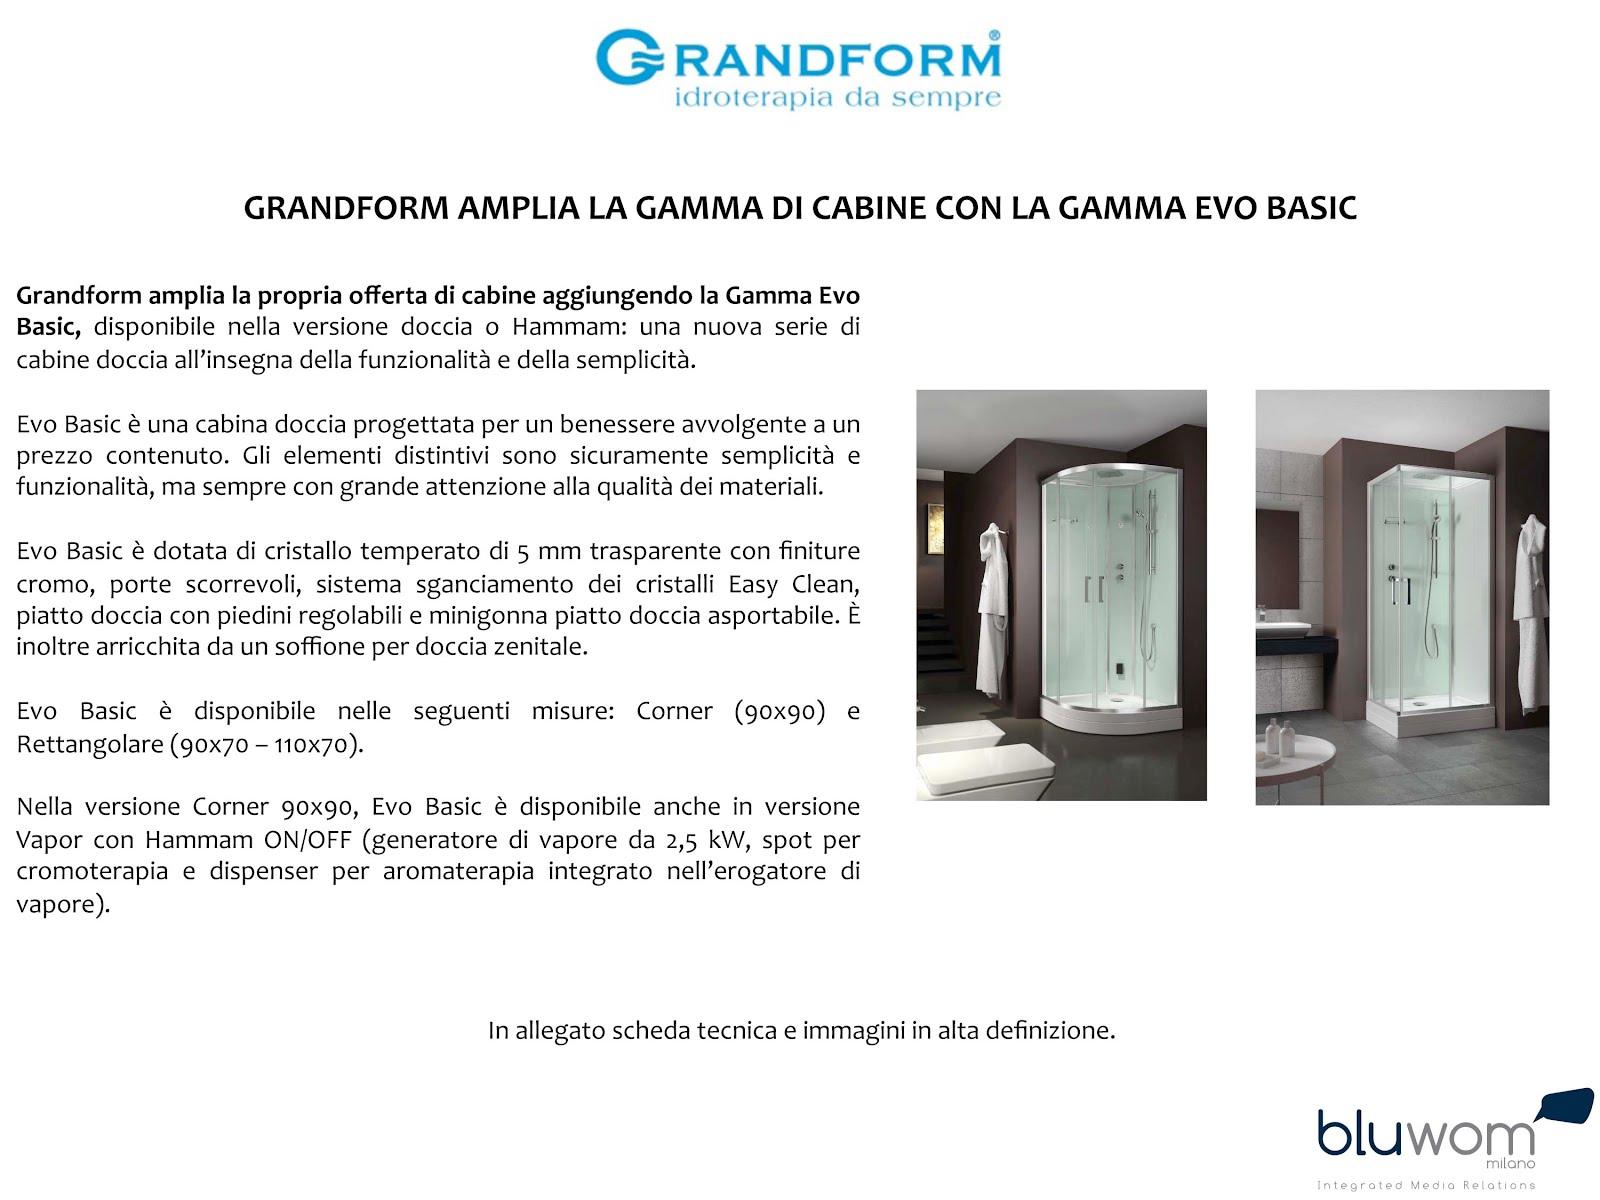 Cabina Doccia Evo Basic.Il Tuo Comunicato Stampa Grandform Amplia La Gamma Di Cabine Con La